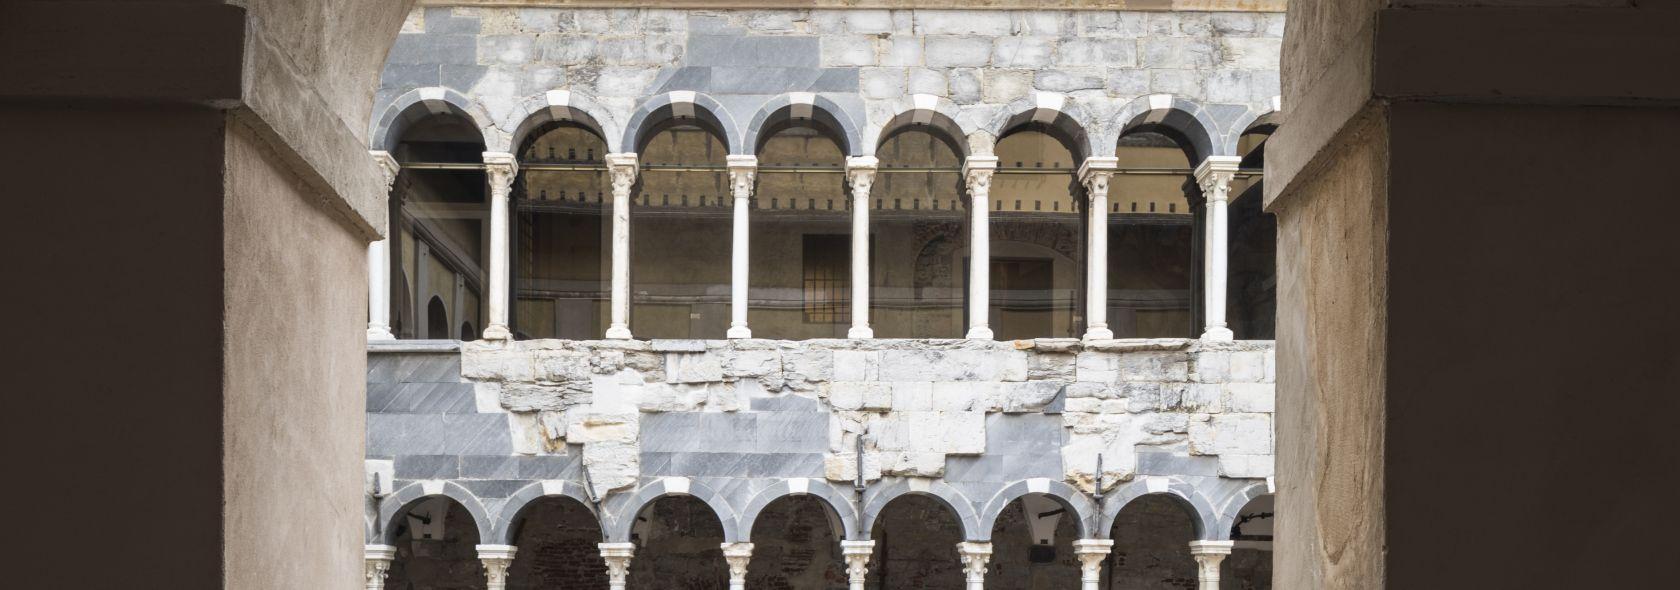 Museo Diocesano - Chiostro dei Canonici